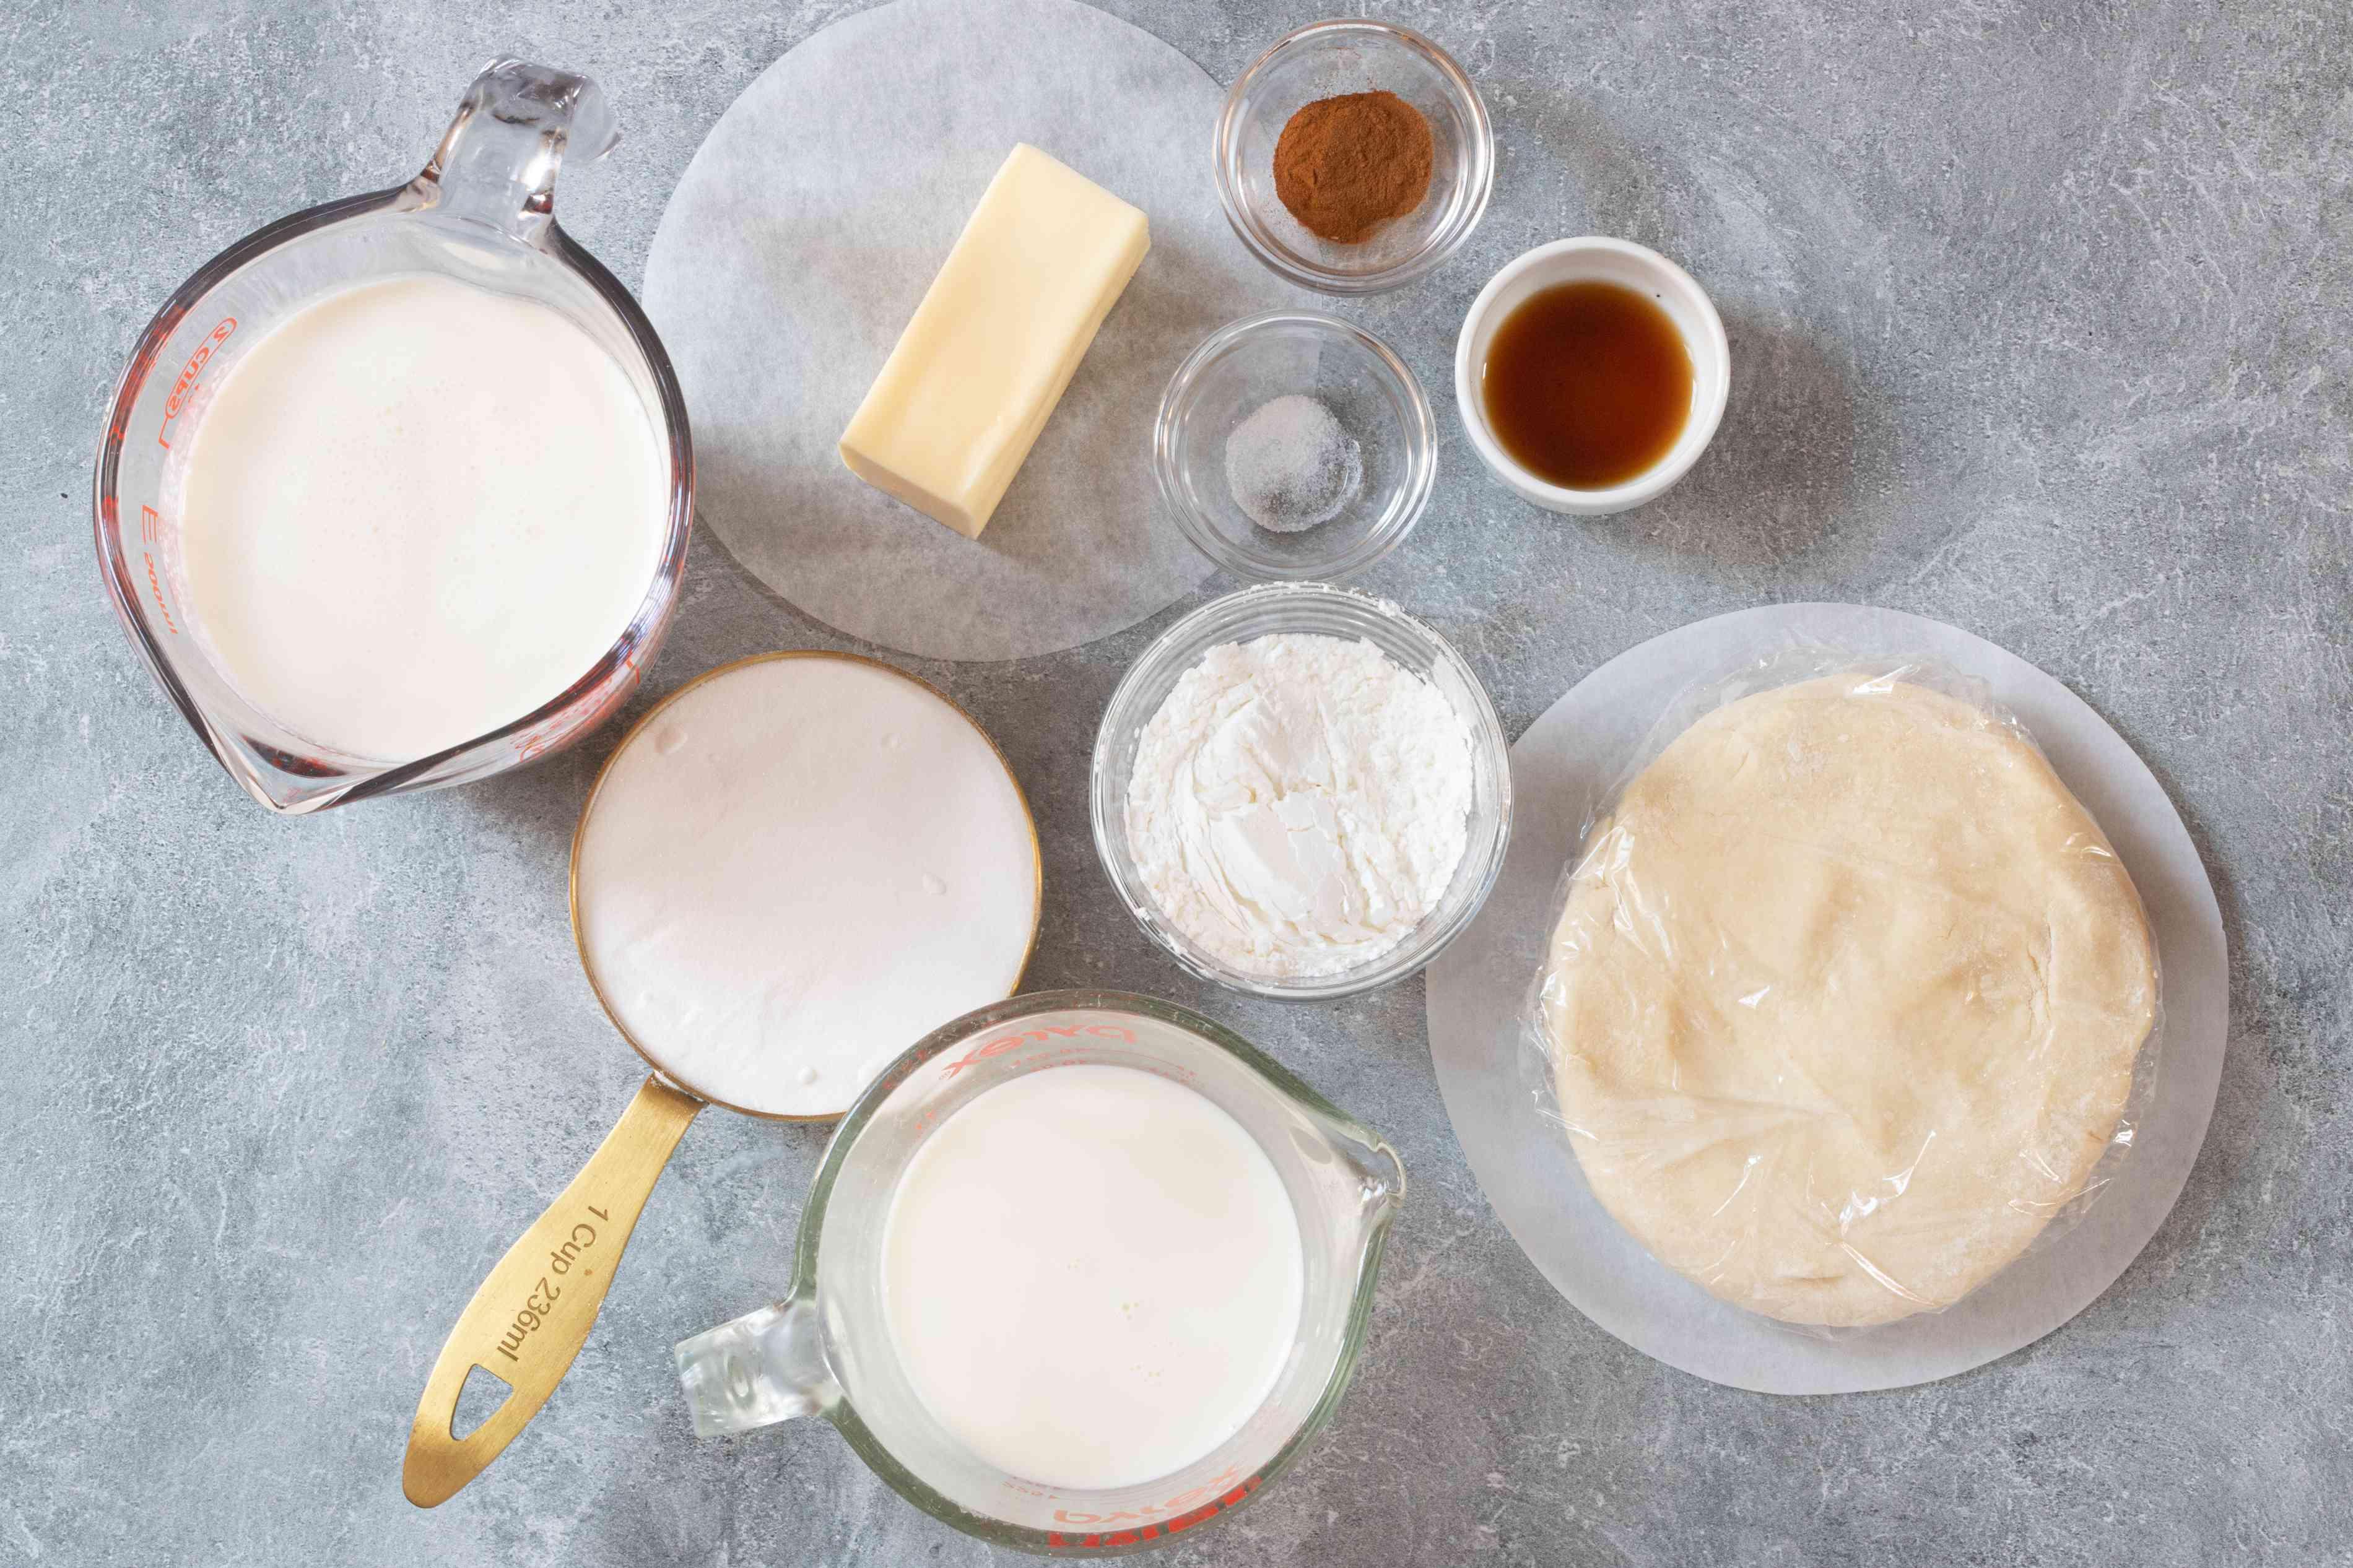 Ingredients for sugar cream pie.